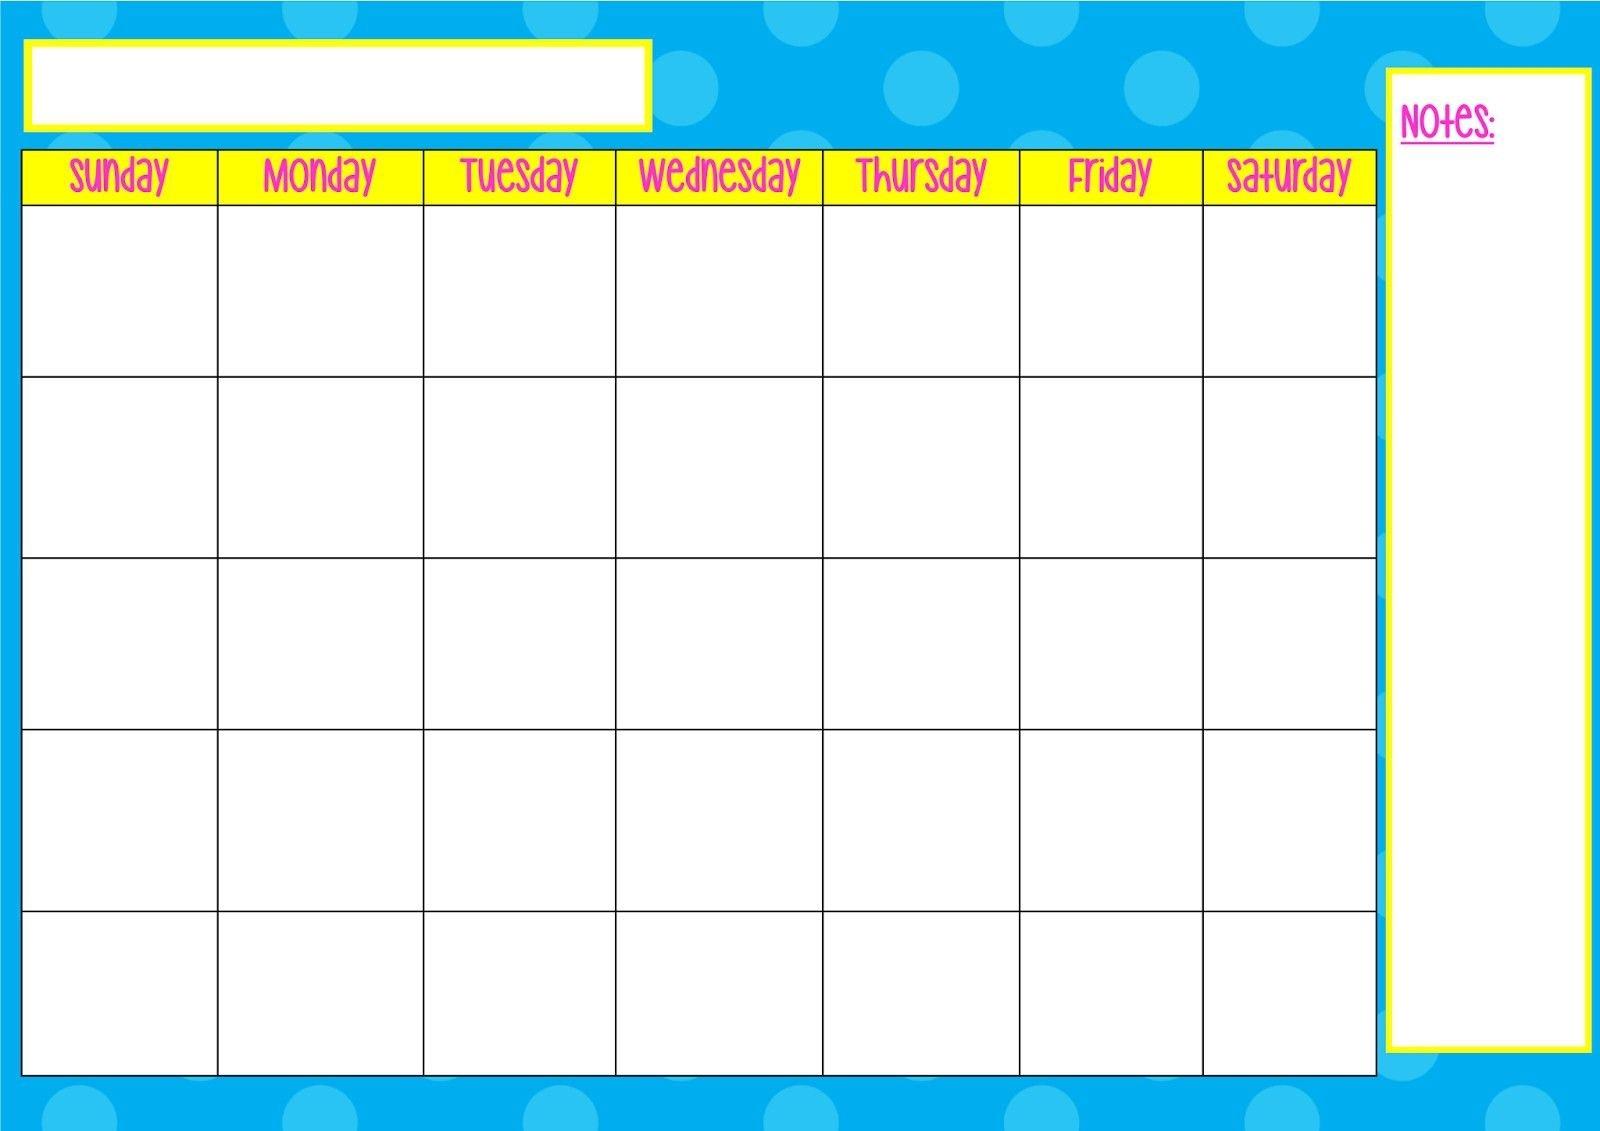 Pincalendar Design On Calender In 2020   Schedule Monday Thru Friday Calender